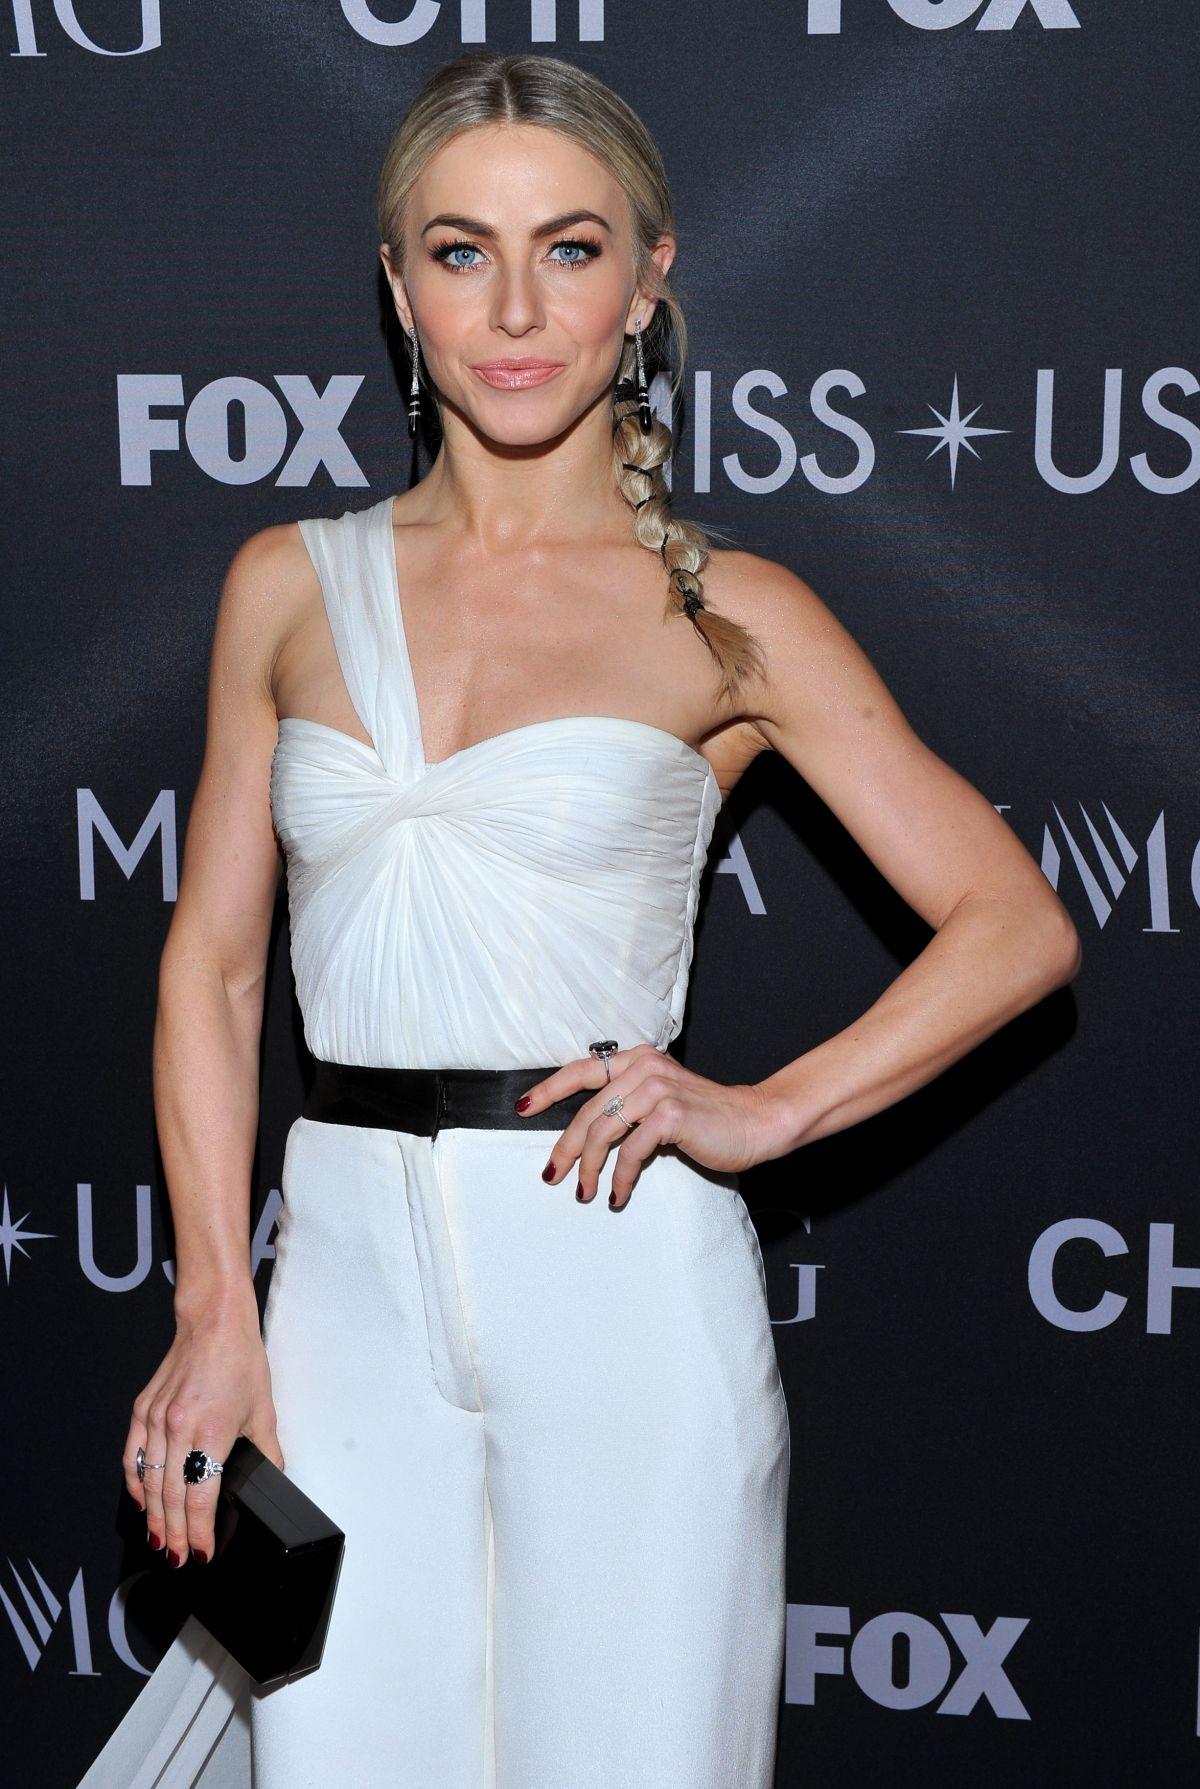 JULIANNE HOUGH Co-hosting 2017 Miss USA in Las Vegas 05/14/2017